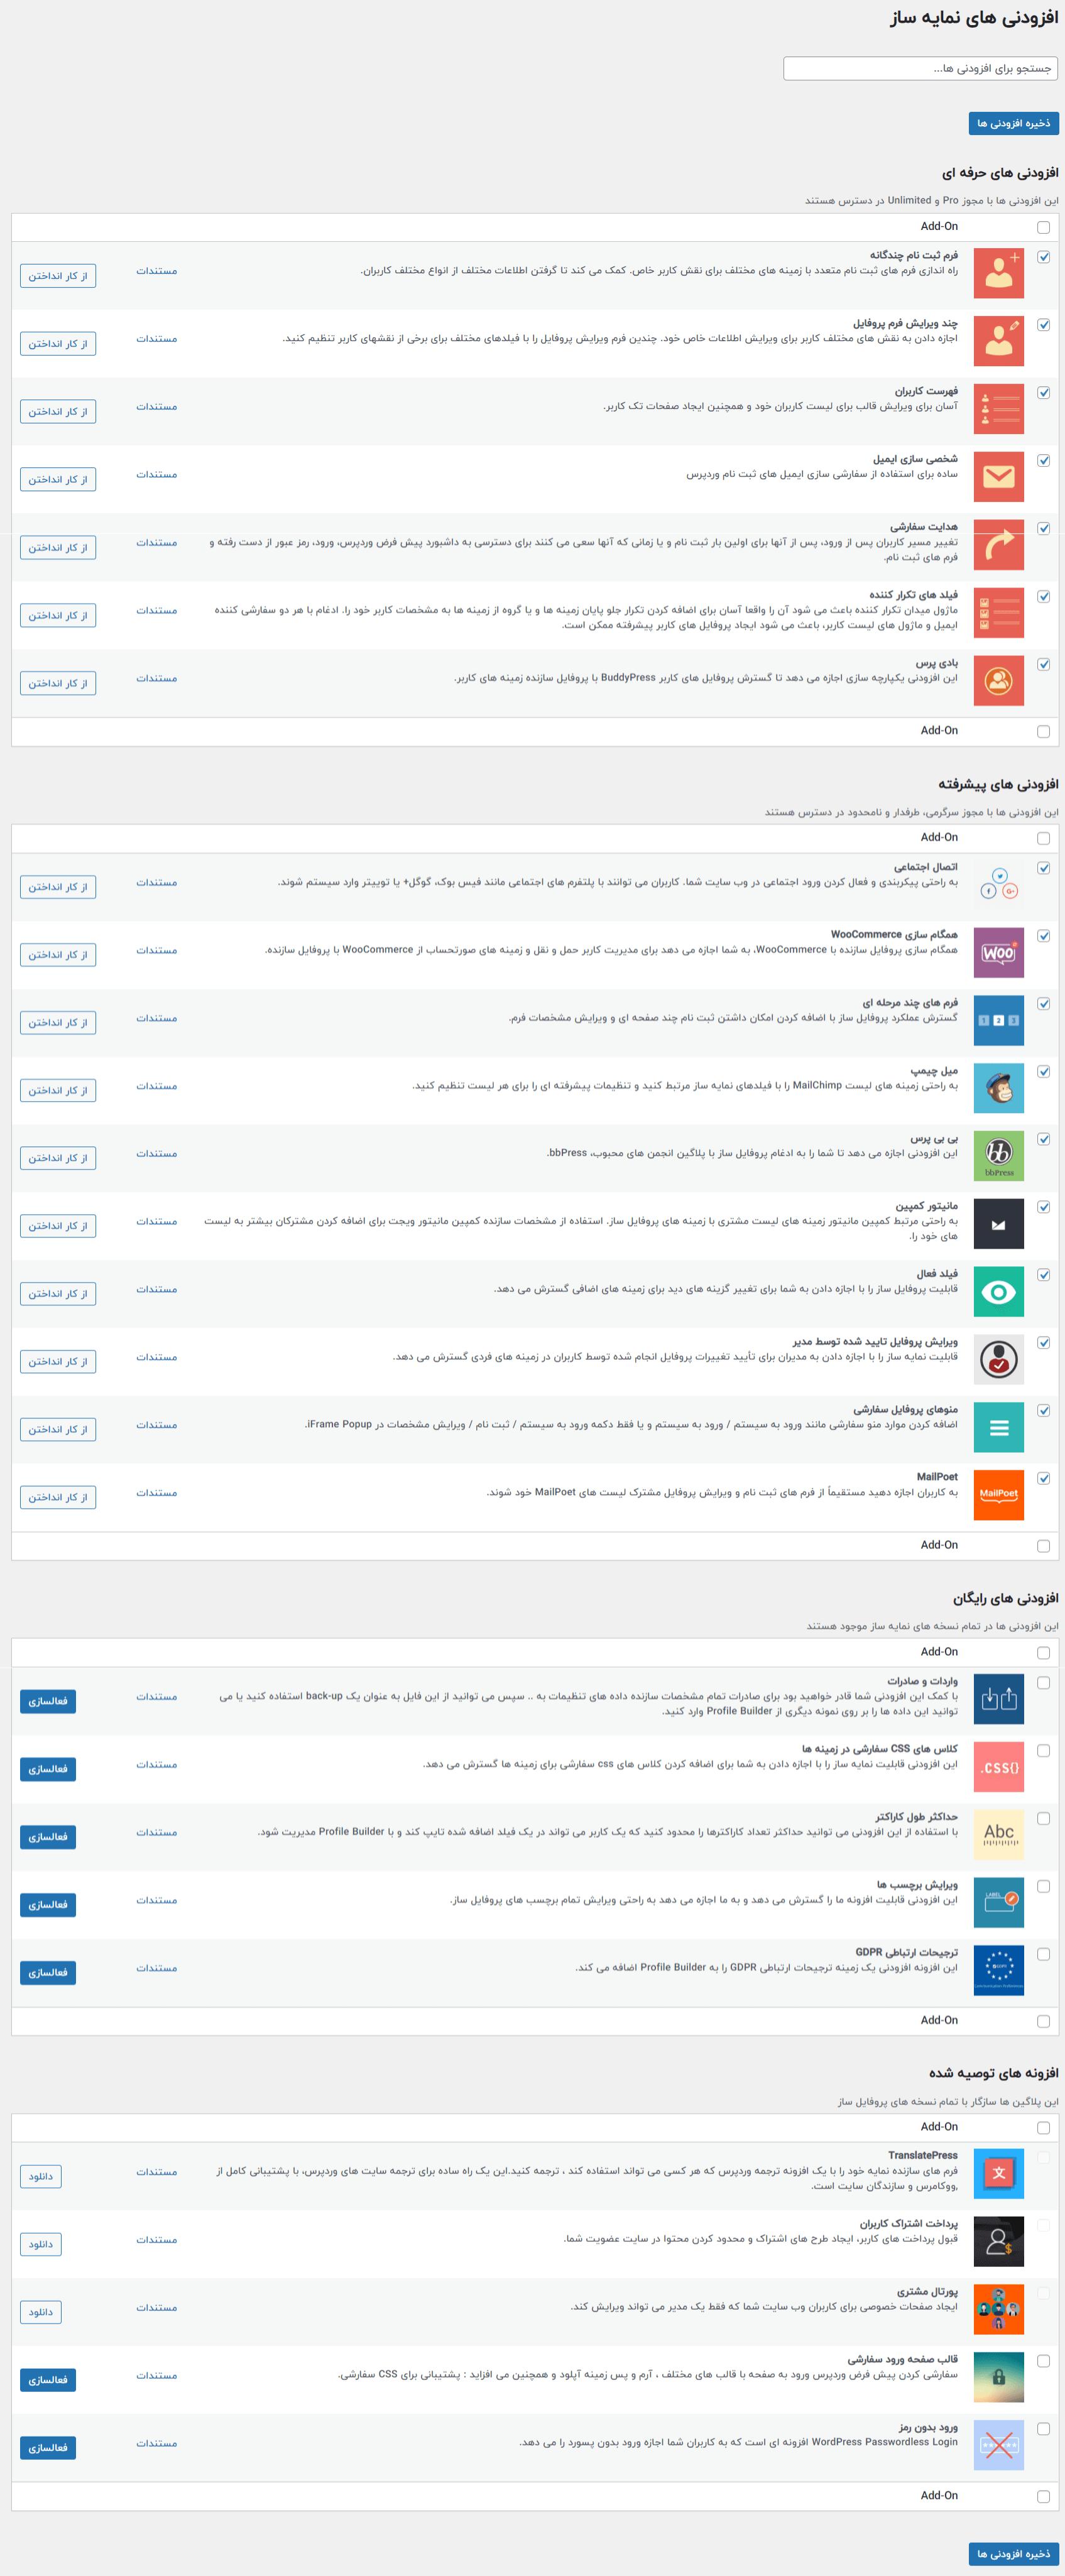 افزونه های اضافی در افزونه profile builder pro